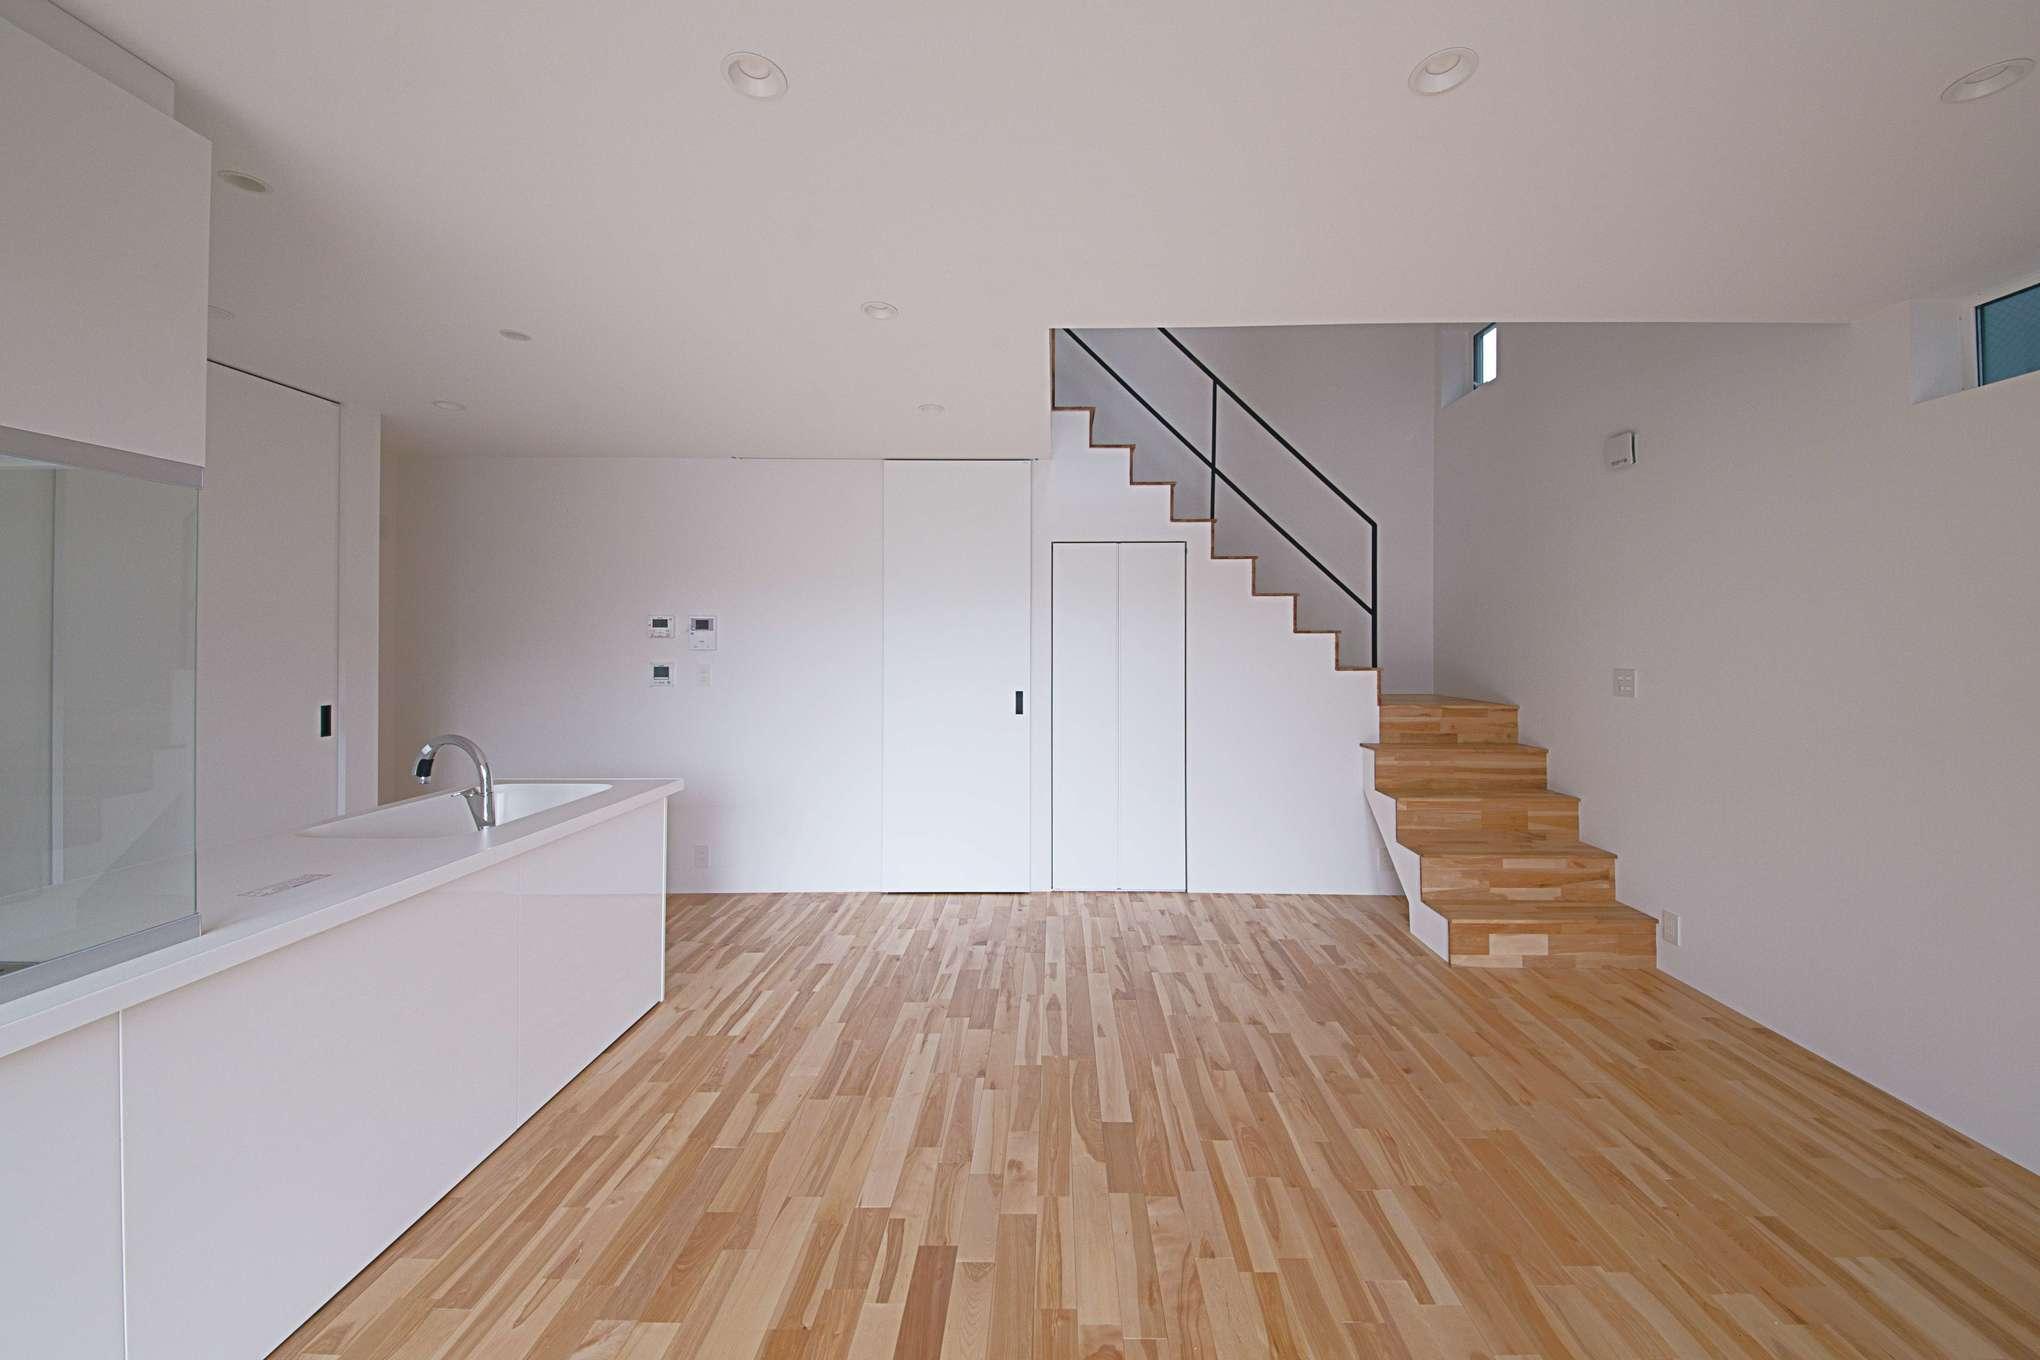 インフィルプラス【デザイン住宅、収納力、間取り】ご主人の要望で、室内には「床下エアコン」を採用。冬は暖気が階段の吹抜けを通じて2階に上がり、家中が暖まる